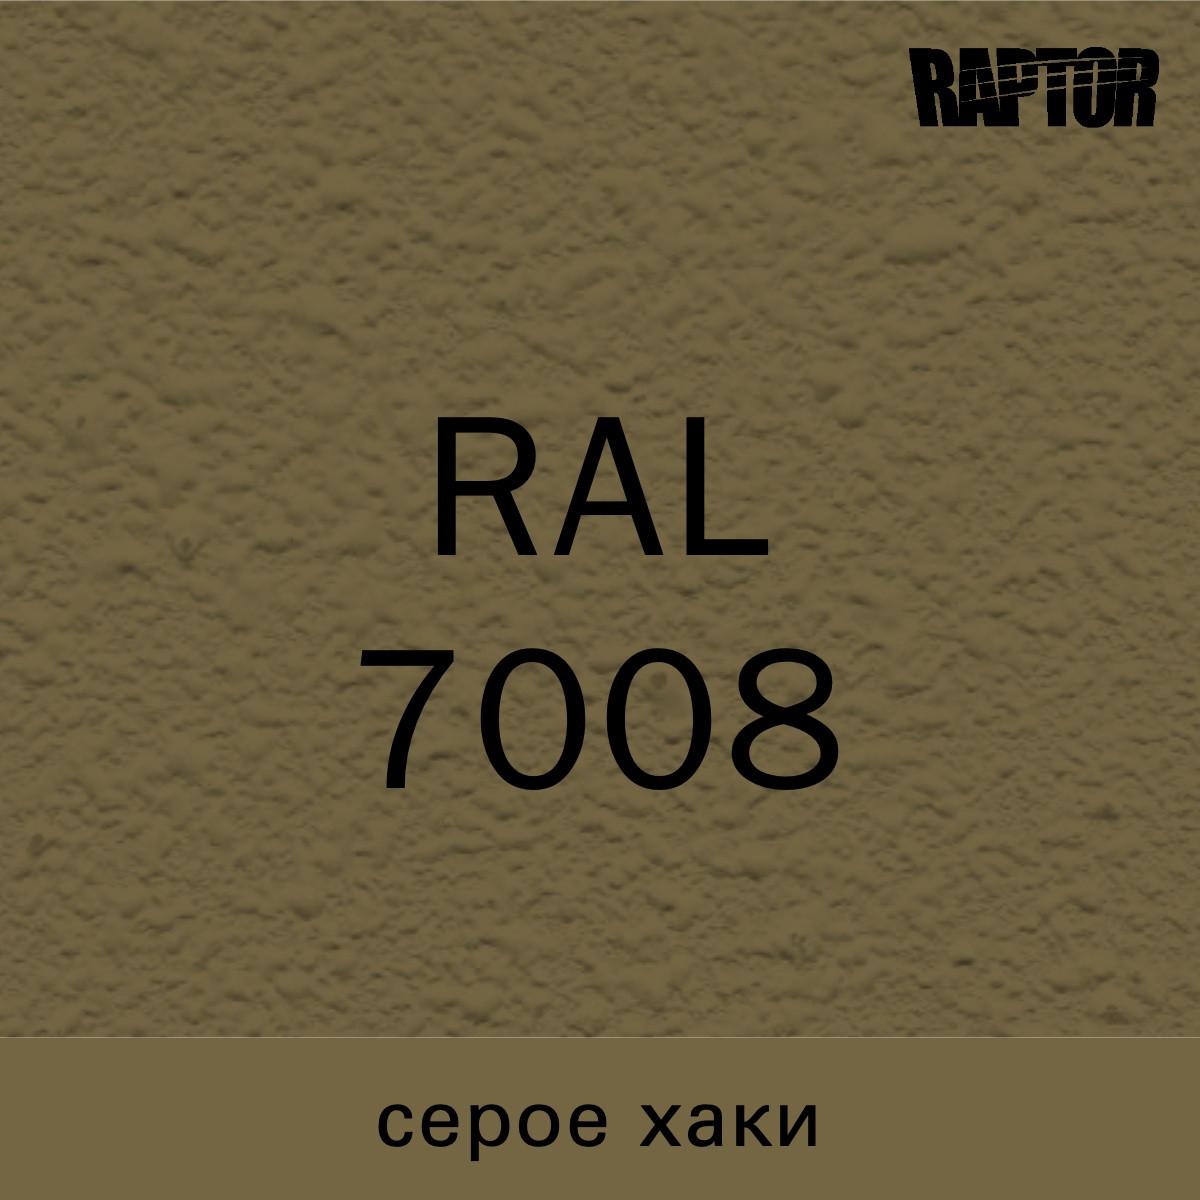 Пигмент для колеровки покрытия RAPTOR™ Серое хаки (RAL 7008)